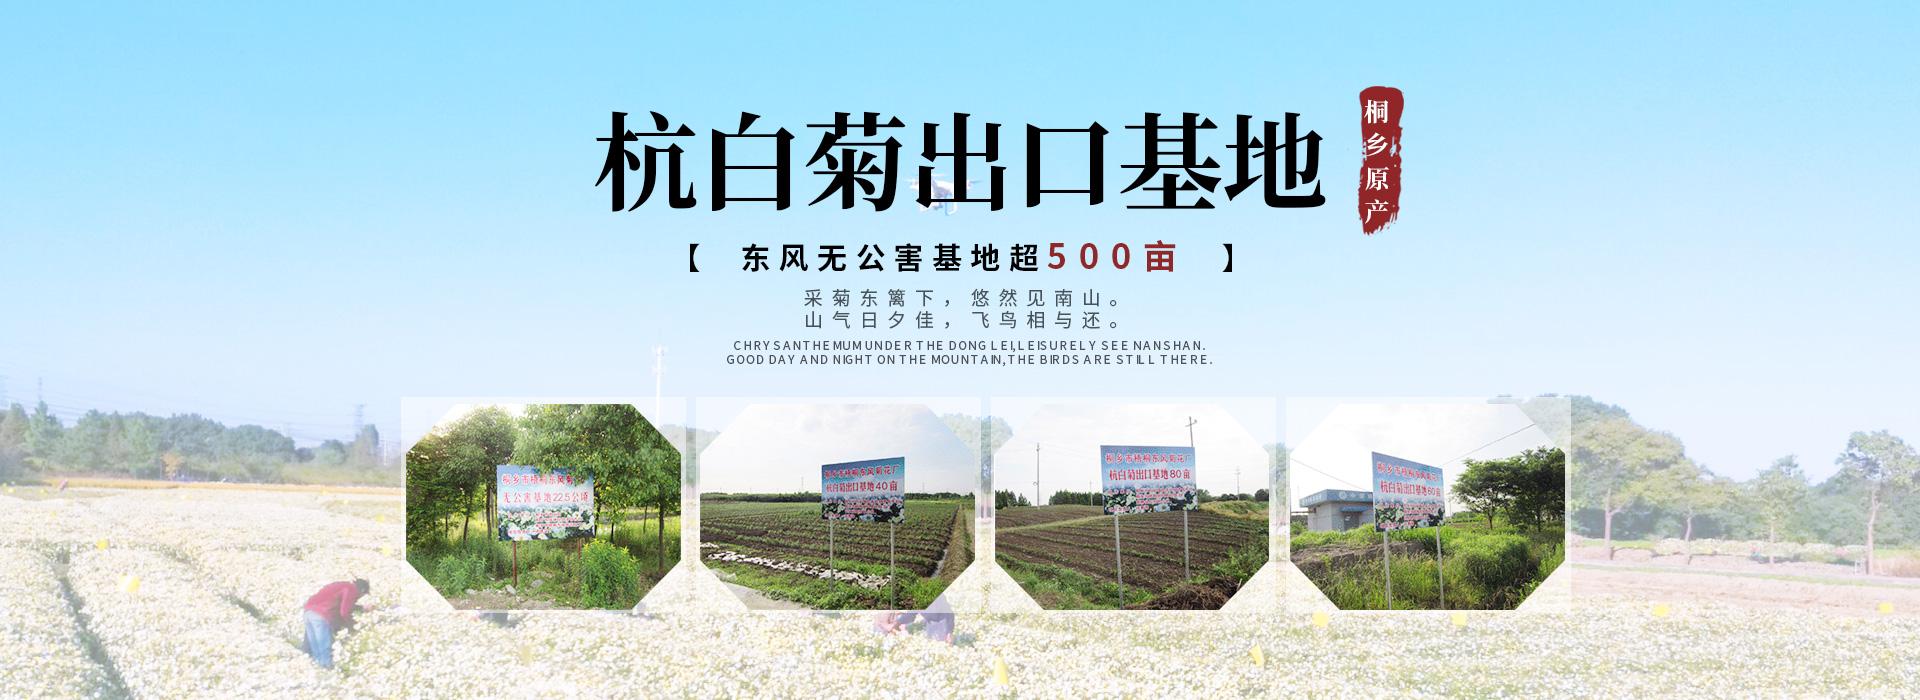 桐乡菊花生产基地